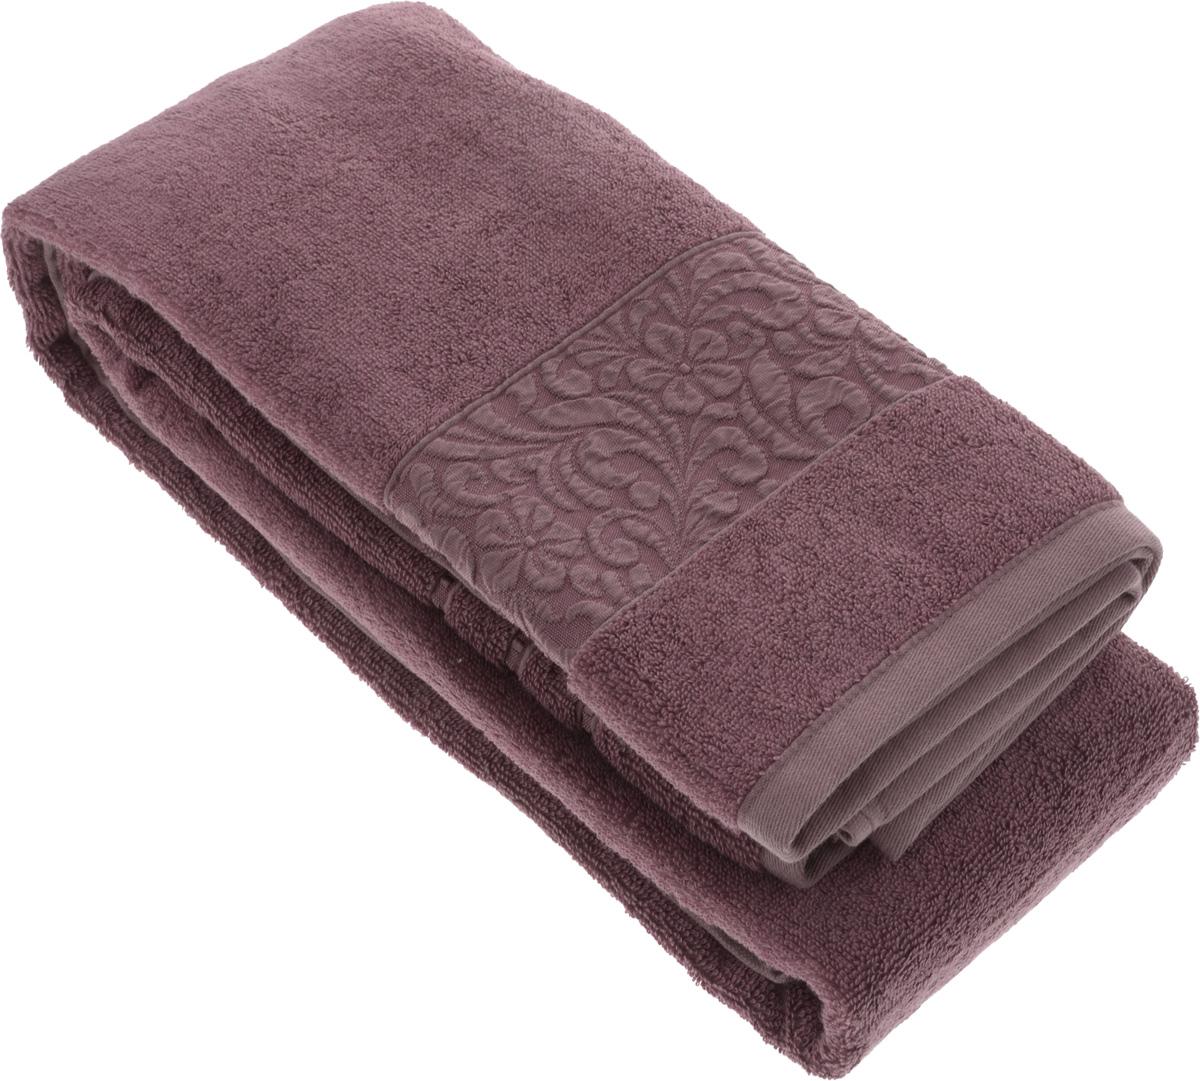 Полотенце бамбуковое Issimo Home Valencia, цвет: пыльная роза, 90 x 150 см10503Полотенце Issimo Home Valencia выполнено из 60% бамбукового волокна и 40% хлопка. Таким полотенцем не нужно вытираться - только коснитесь кожи - и ткань сама все впитает. Такая ткань впитывает в 3 раза лучше, чем хлопок.Несмотря на высокую плотность, полотенце быстро сохнет, остается легкими даже при намокании.Изделие имеет красивый жаккардовый бордюр, оформленный цветочным орнаментом. Благородные, классические тона создадут уют и подчеркнут лучшие качества махровой ткани, а сочные, яркие, летние оттенки создадут ощущение праздника и наполнят дом энергией. Красивая, стильная упаковка этого полотенца делает его уже готовым подарком к любому случаю.